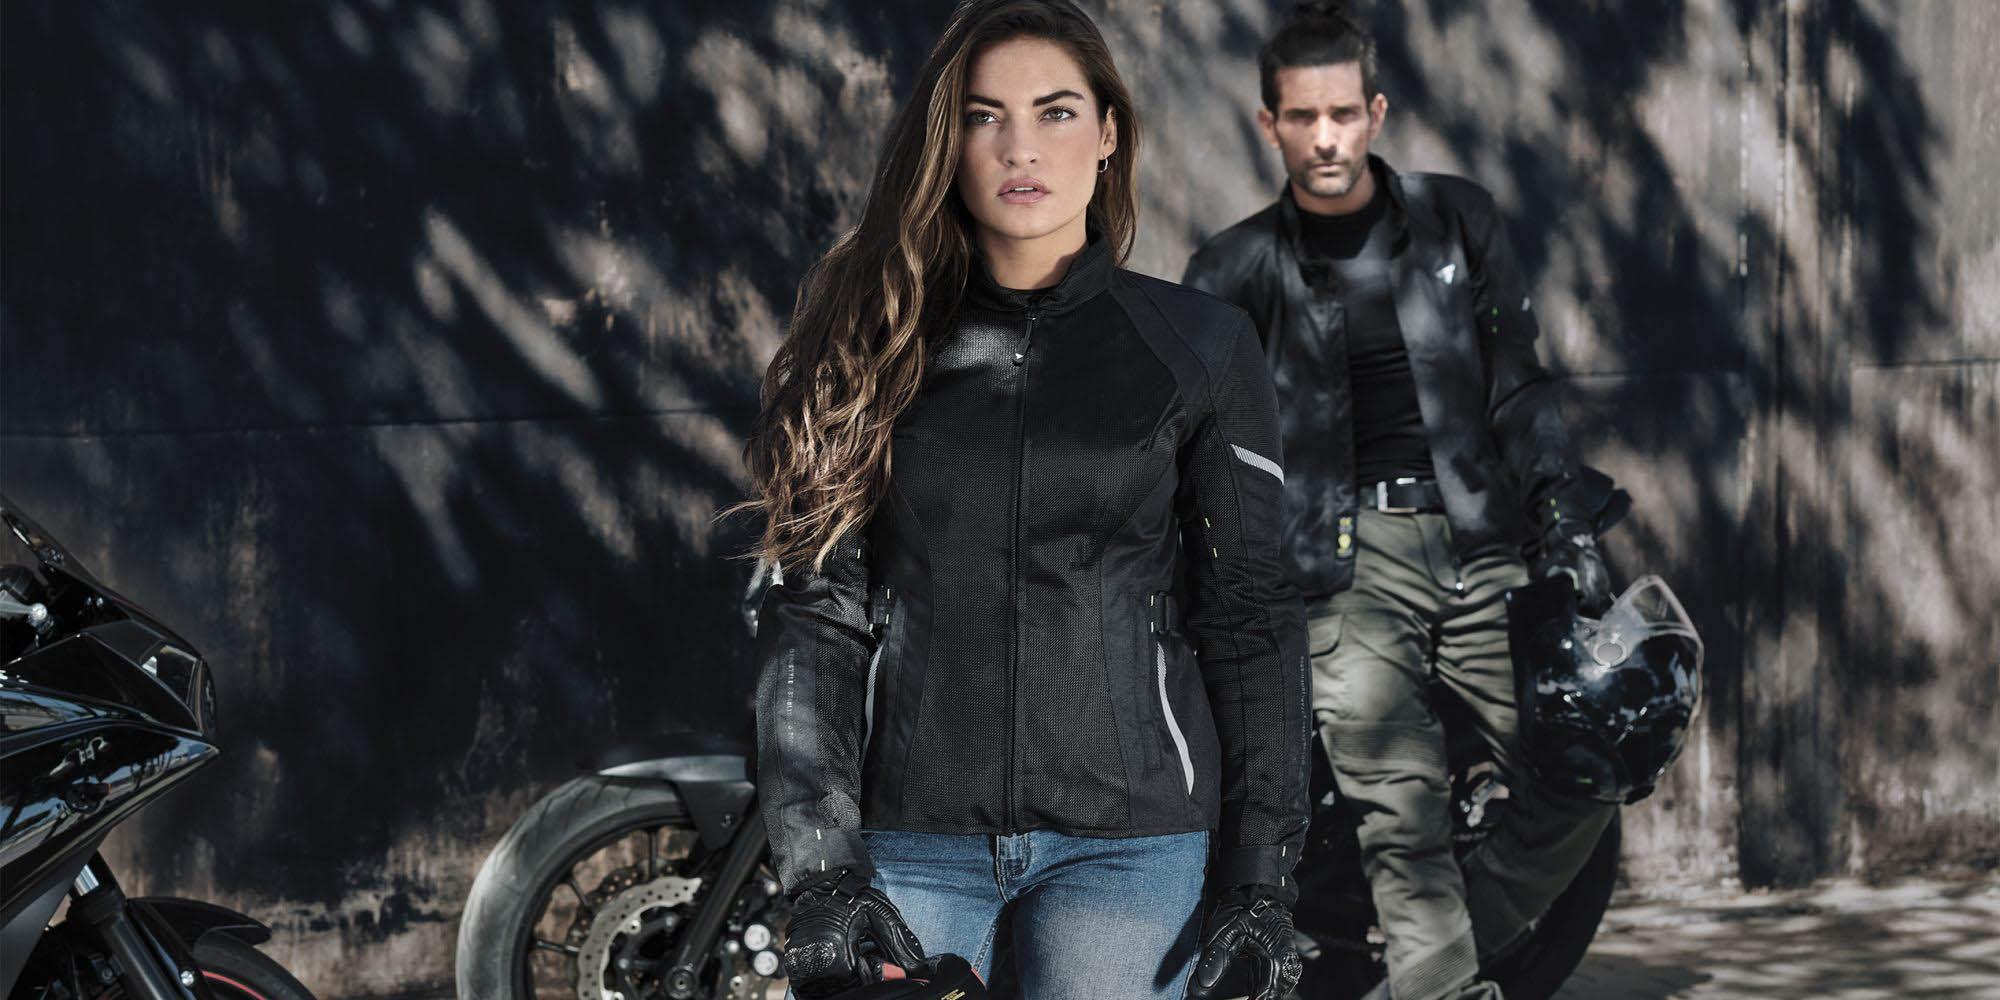 Женская куртка SHIMA JET LADY текстильная для мотоциклистов баннер купить по низкой цене